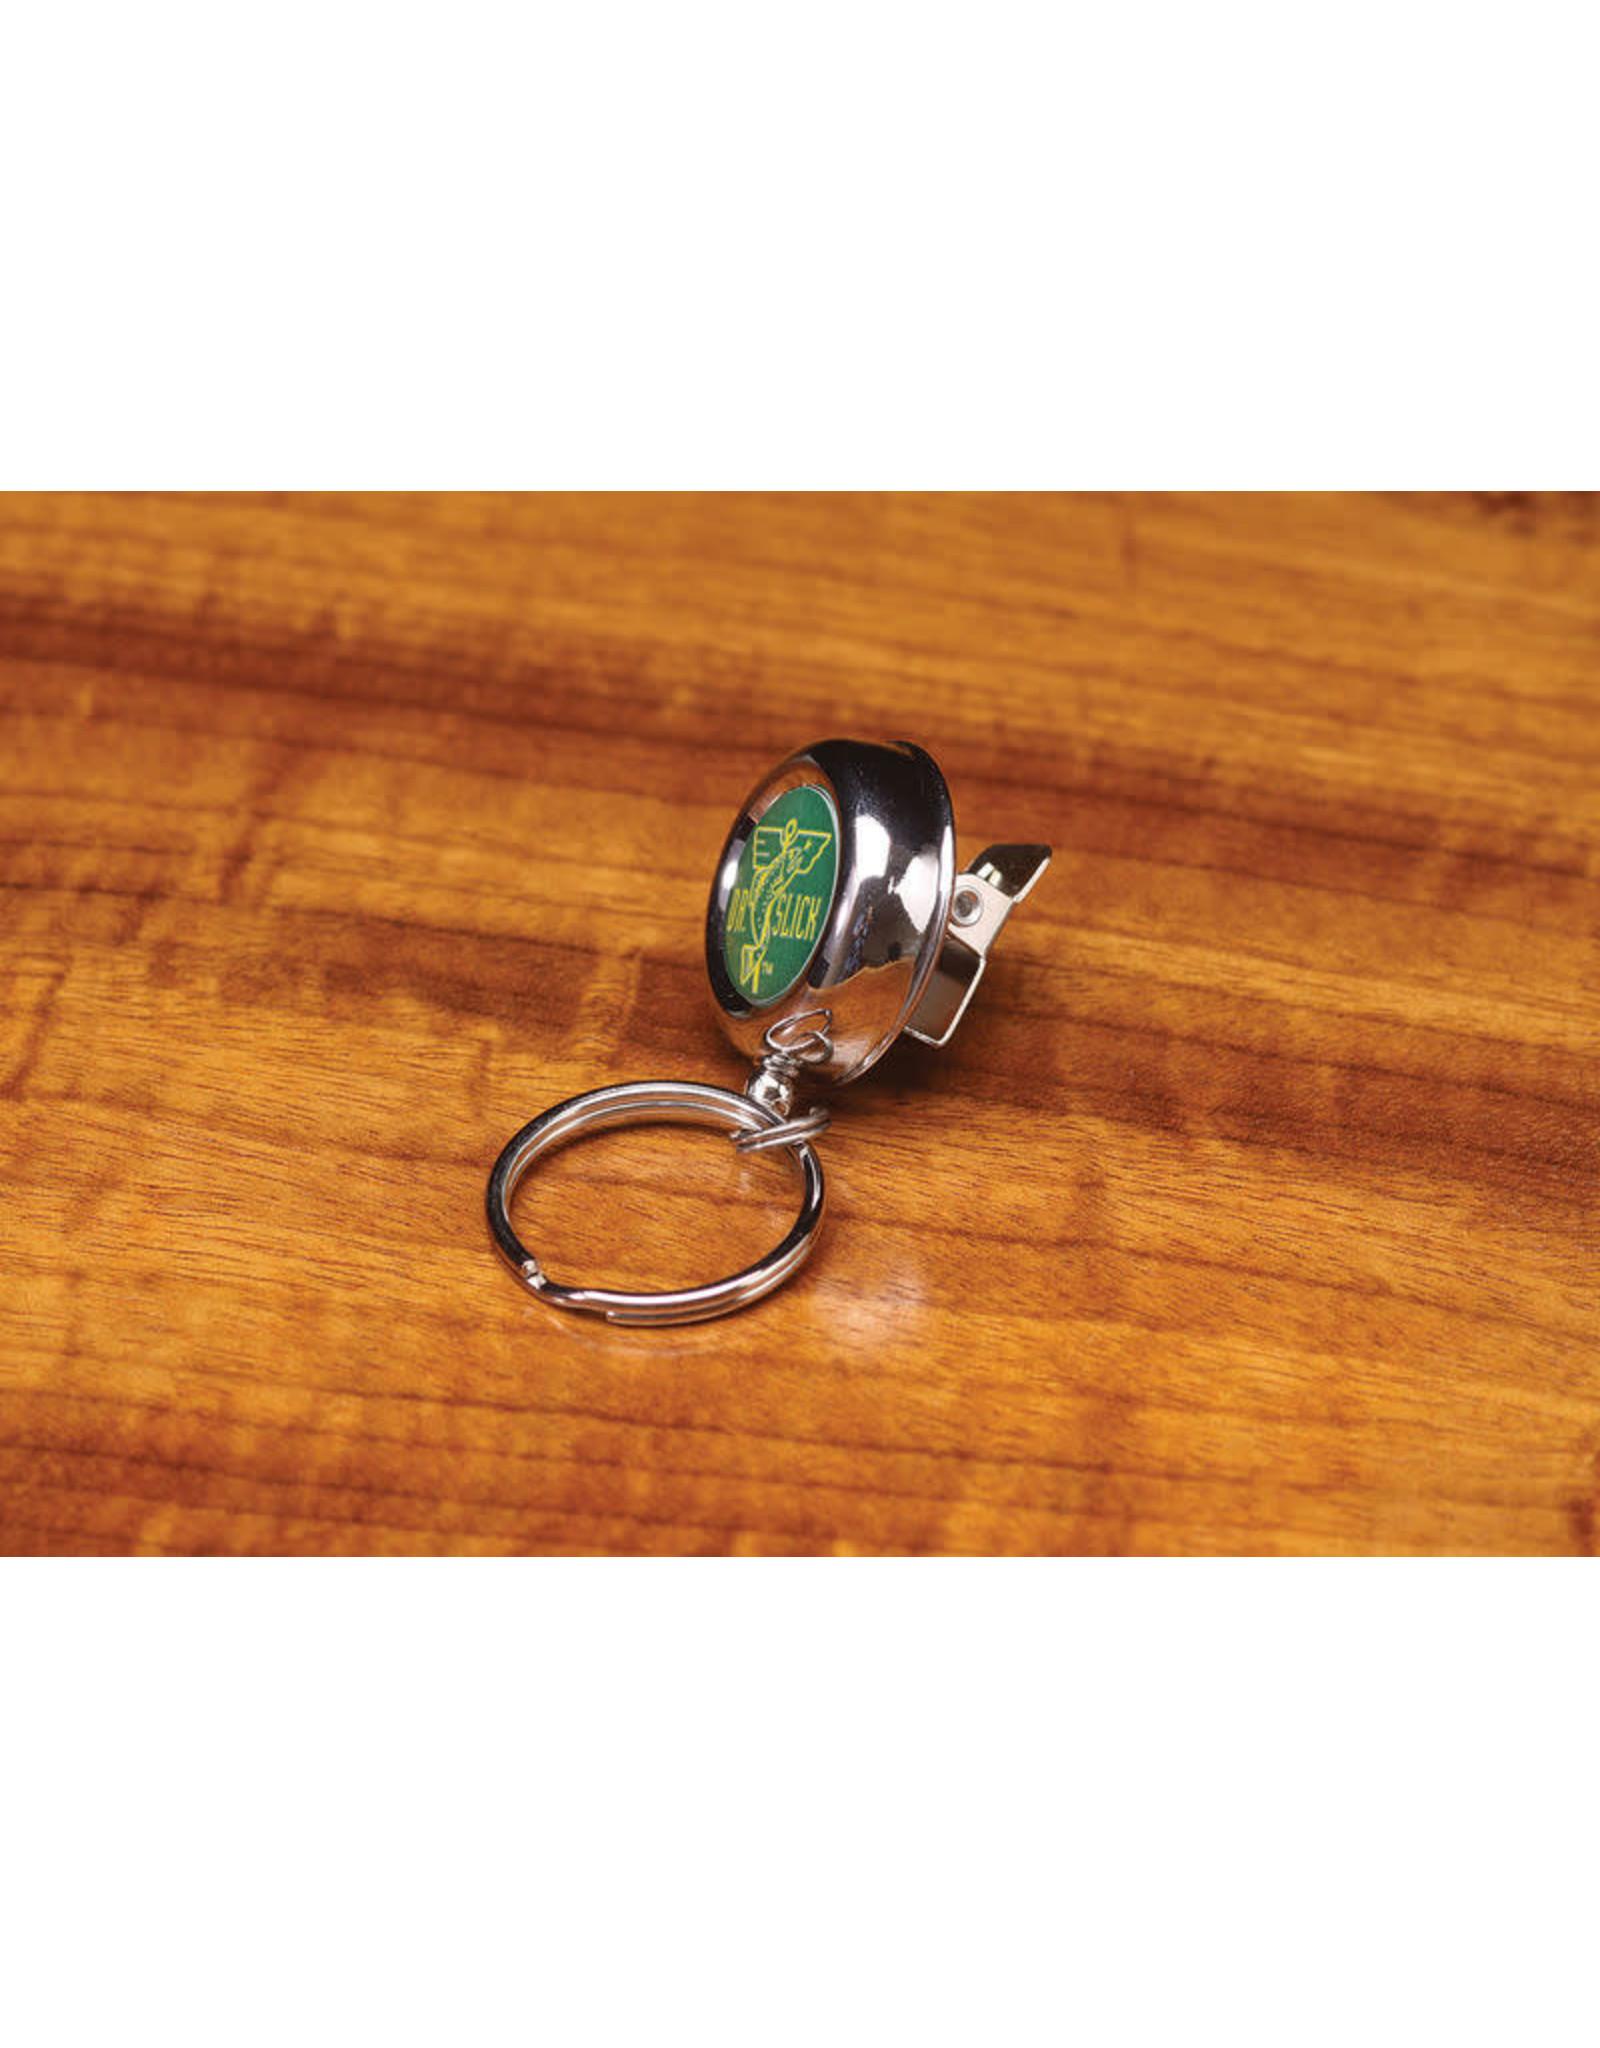 Dr. Slick Dr. Slick O-Ring Clip On Reel